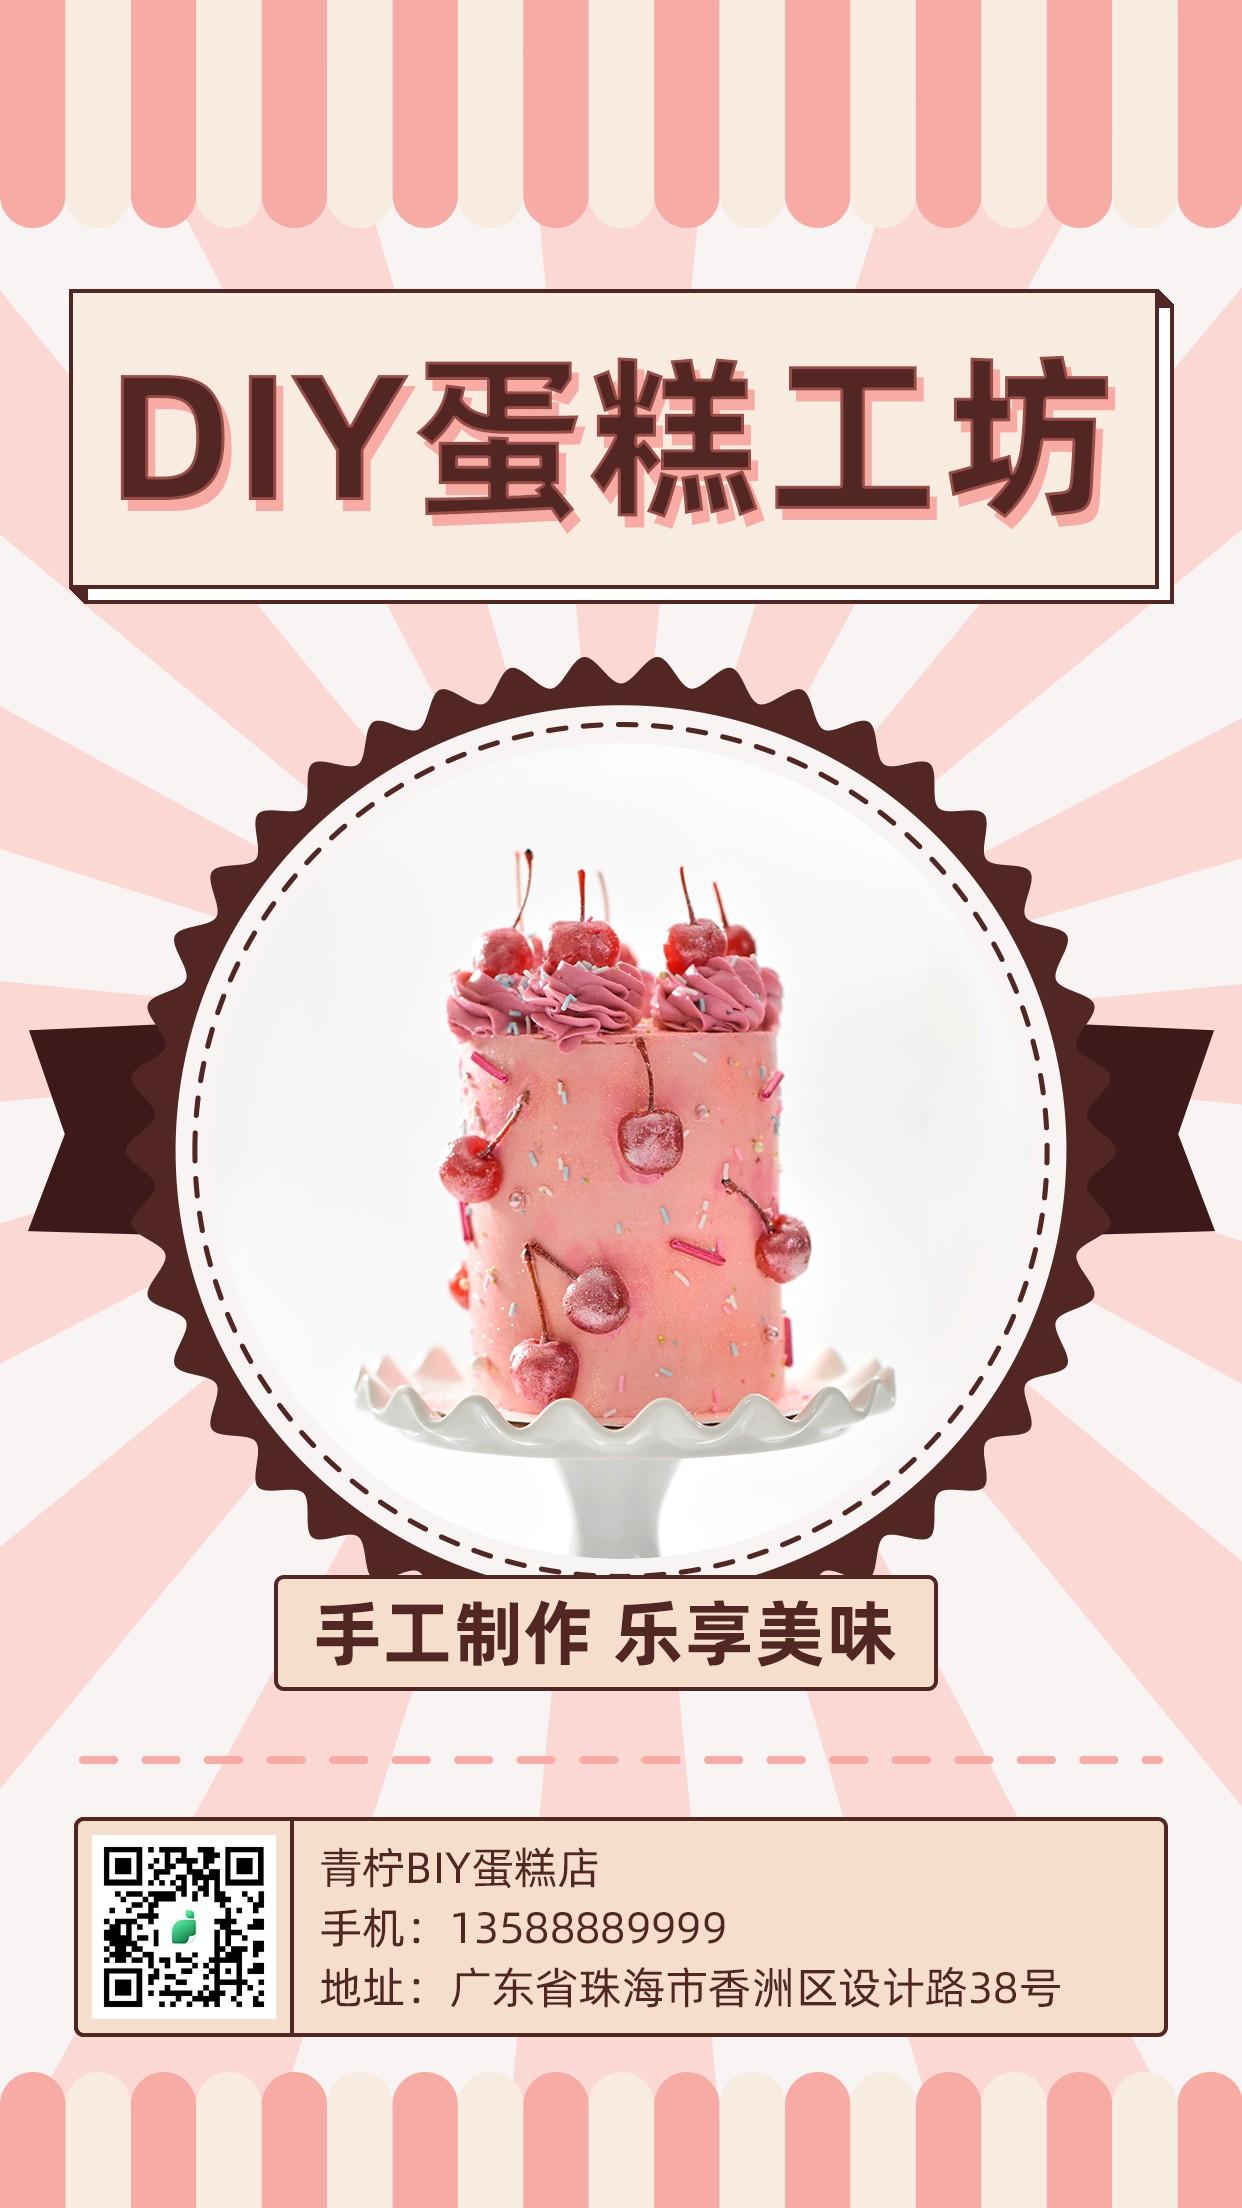 扁平餐饮美食蛋糕手机海报